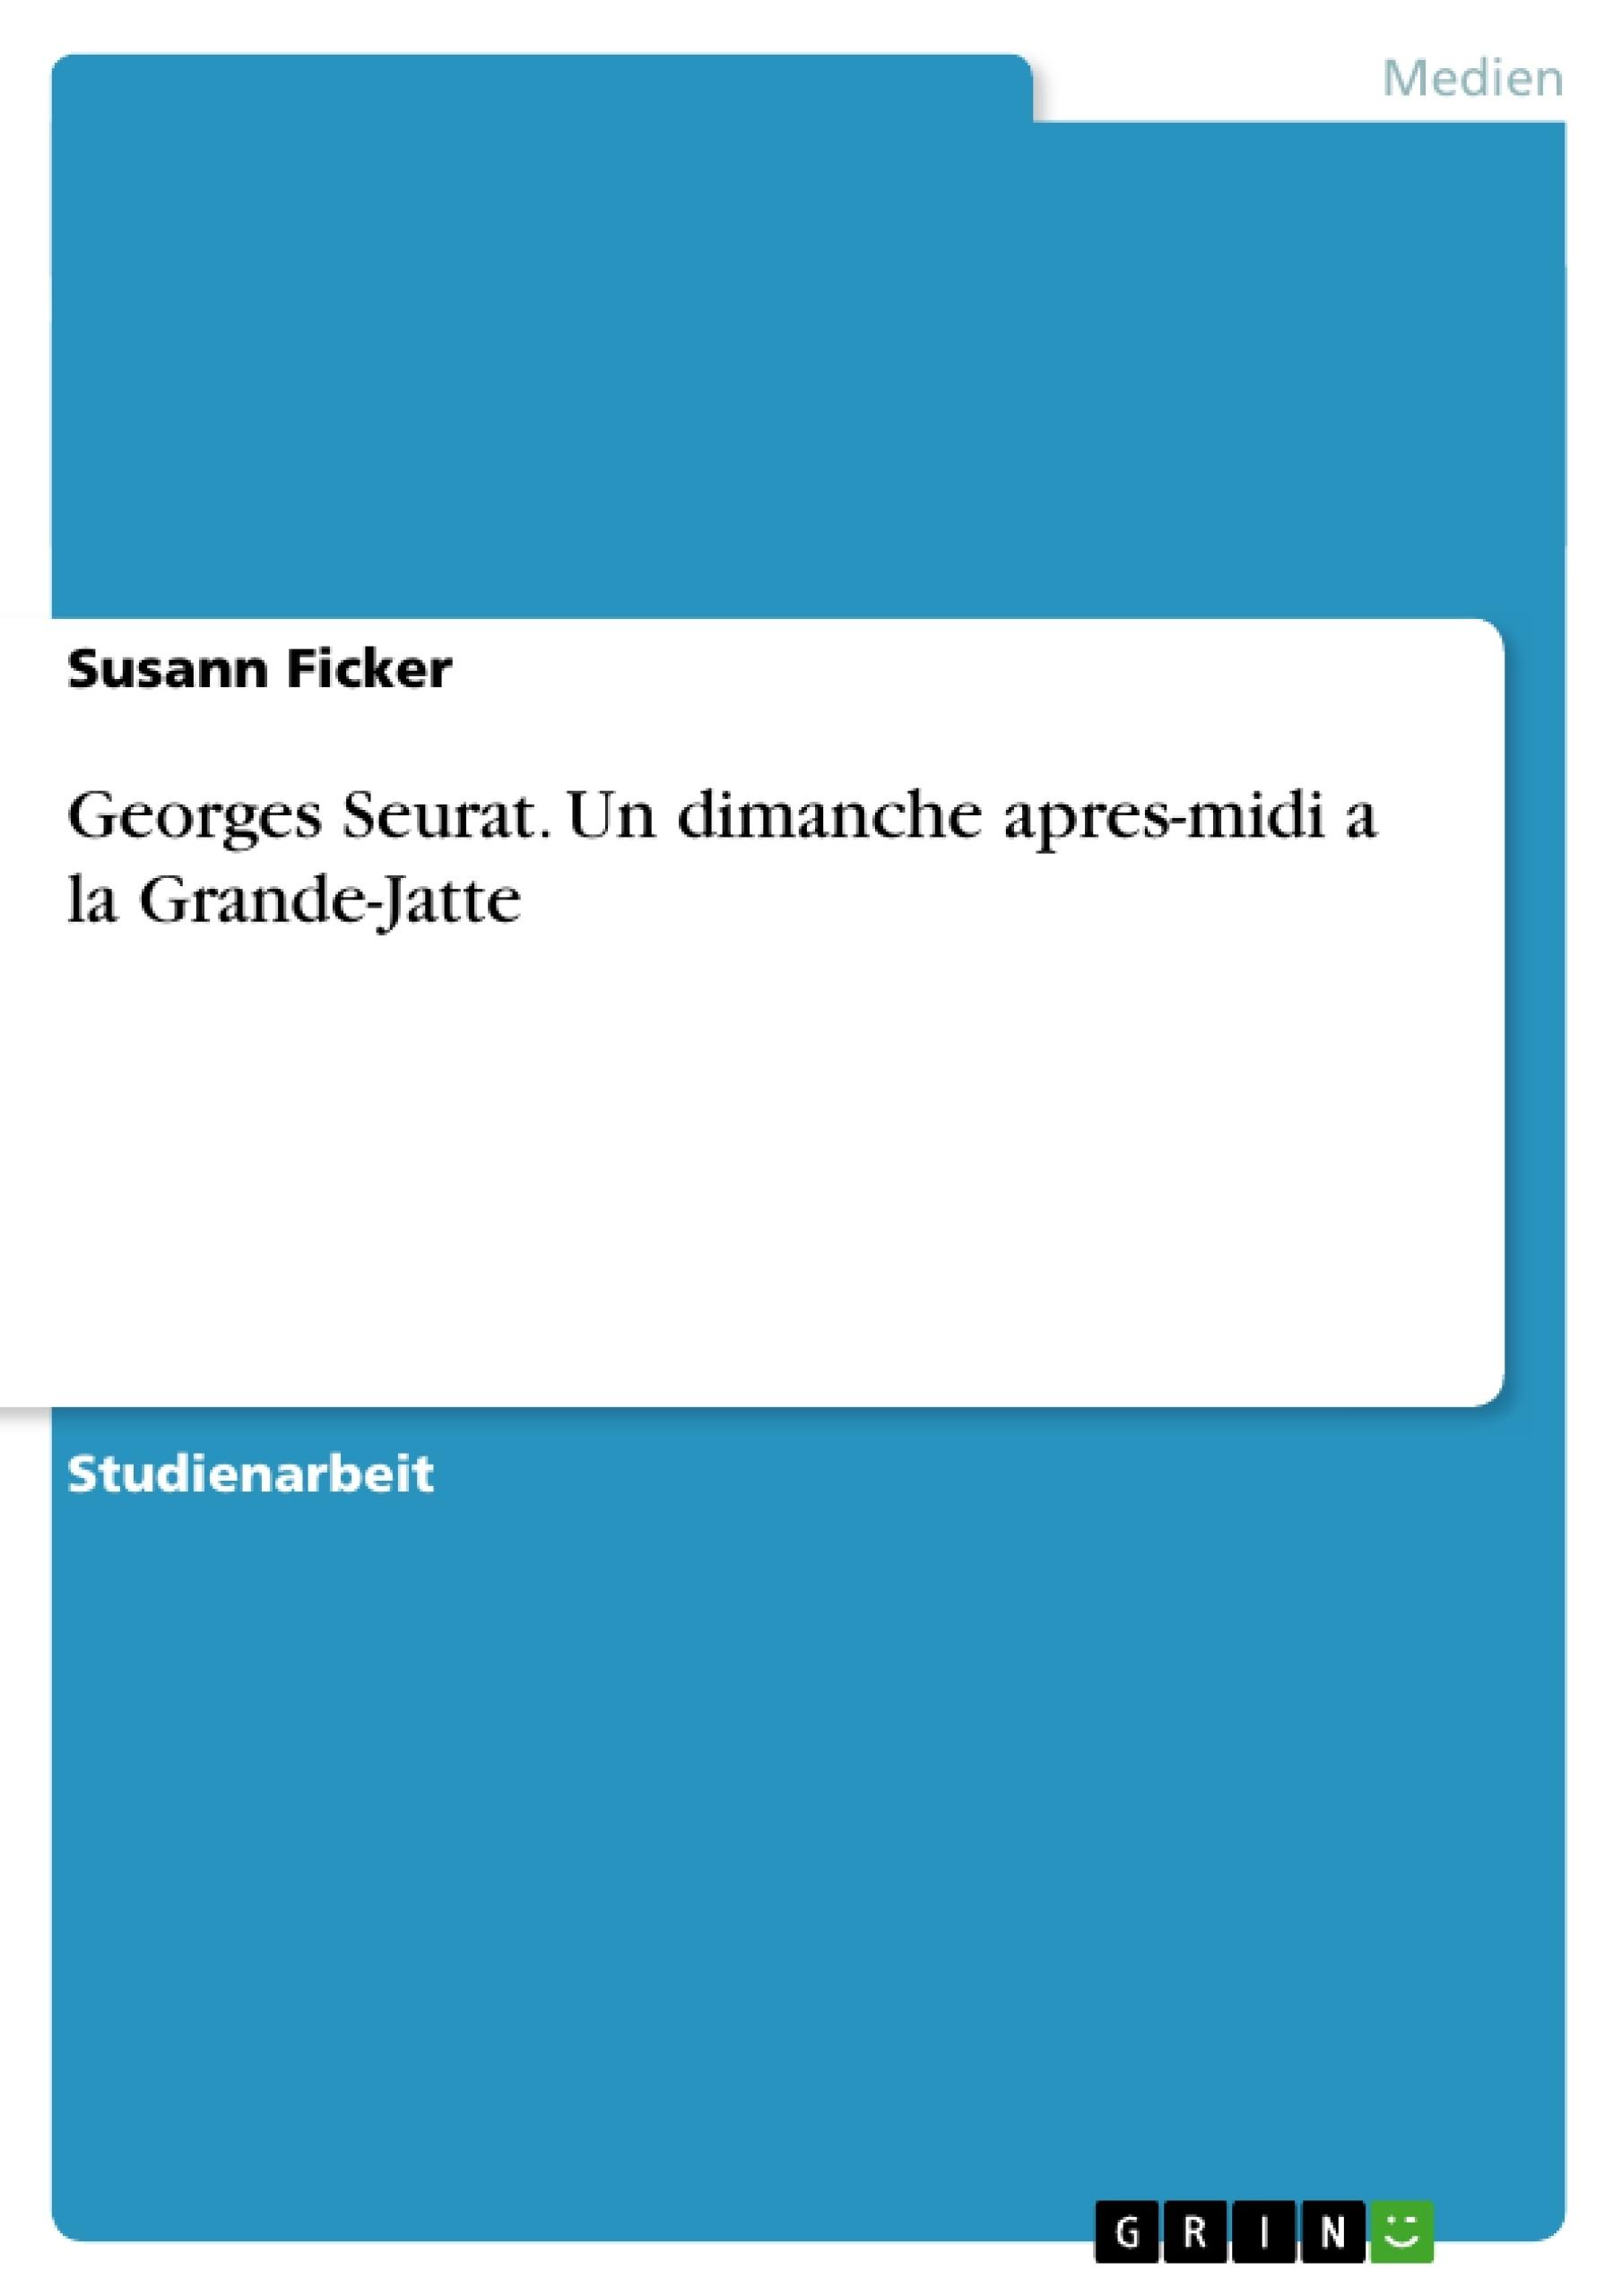 Titel: Georges Seurat. Un dimanche apres-midi a la Grande-Jatte